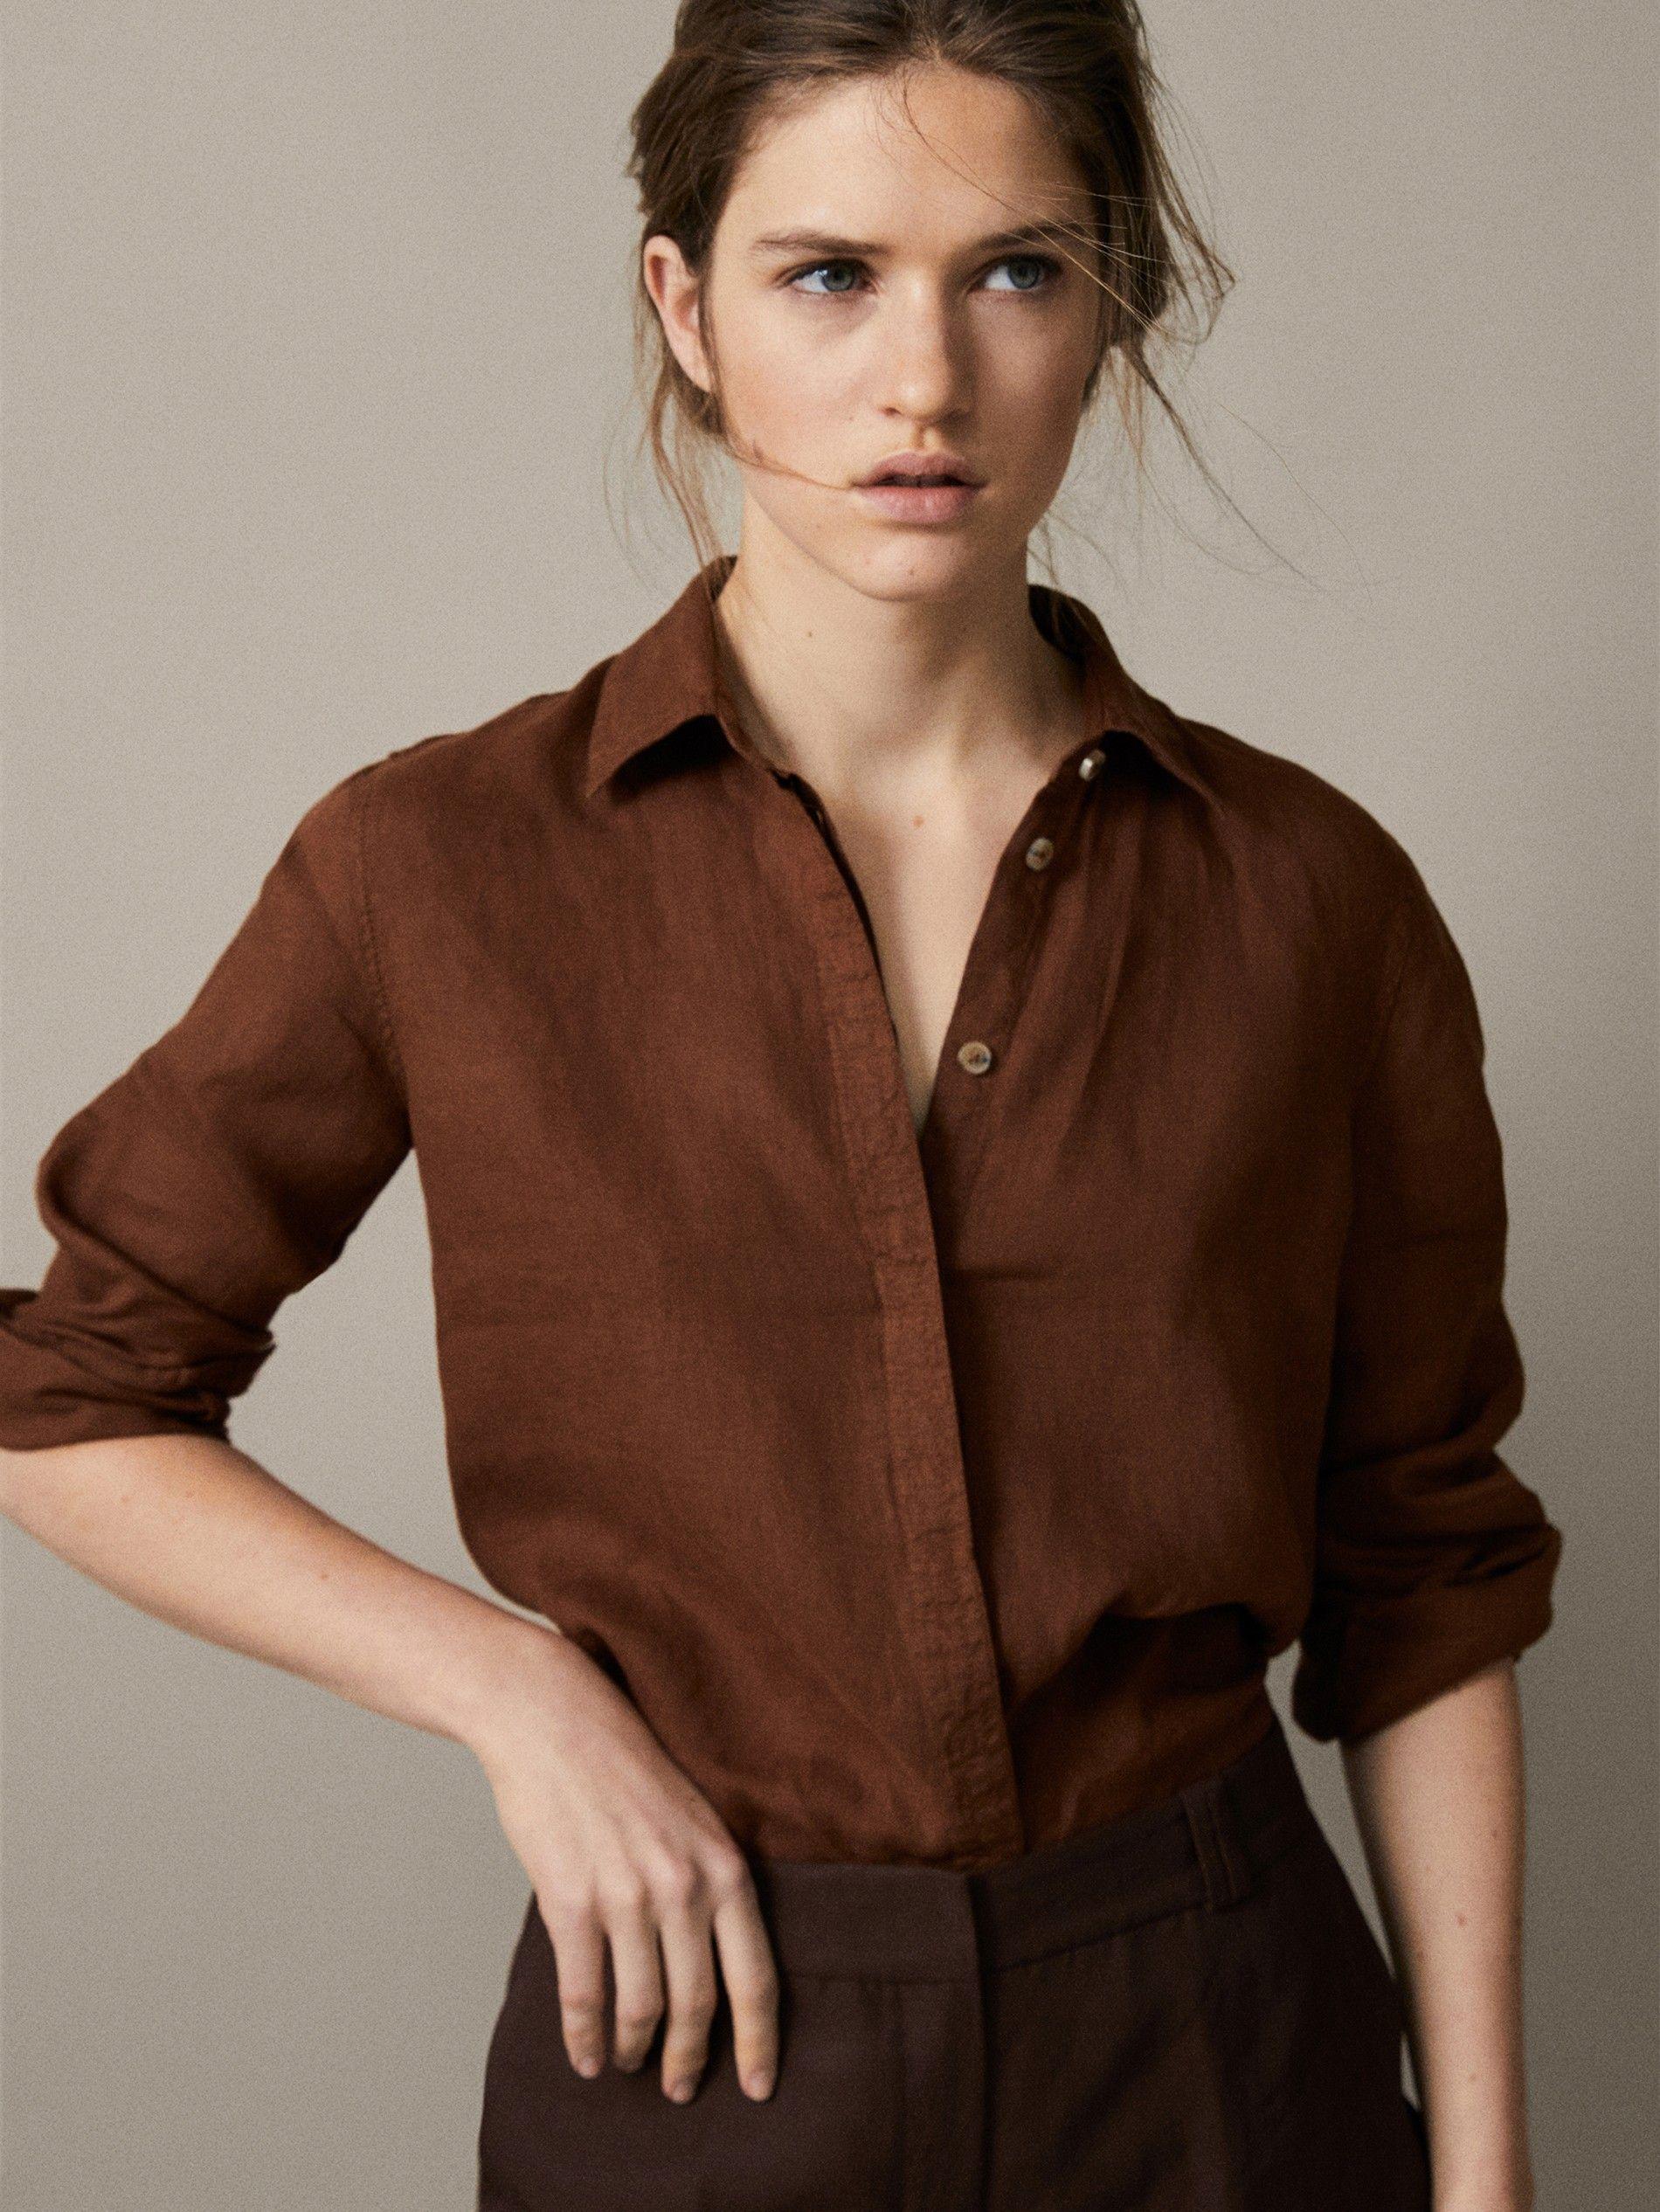 100% plain linen shirt | Dress shirts for women, Collared